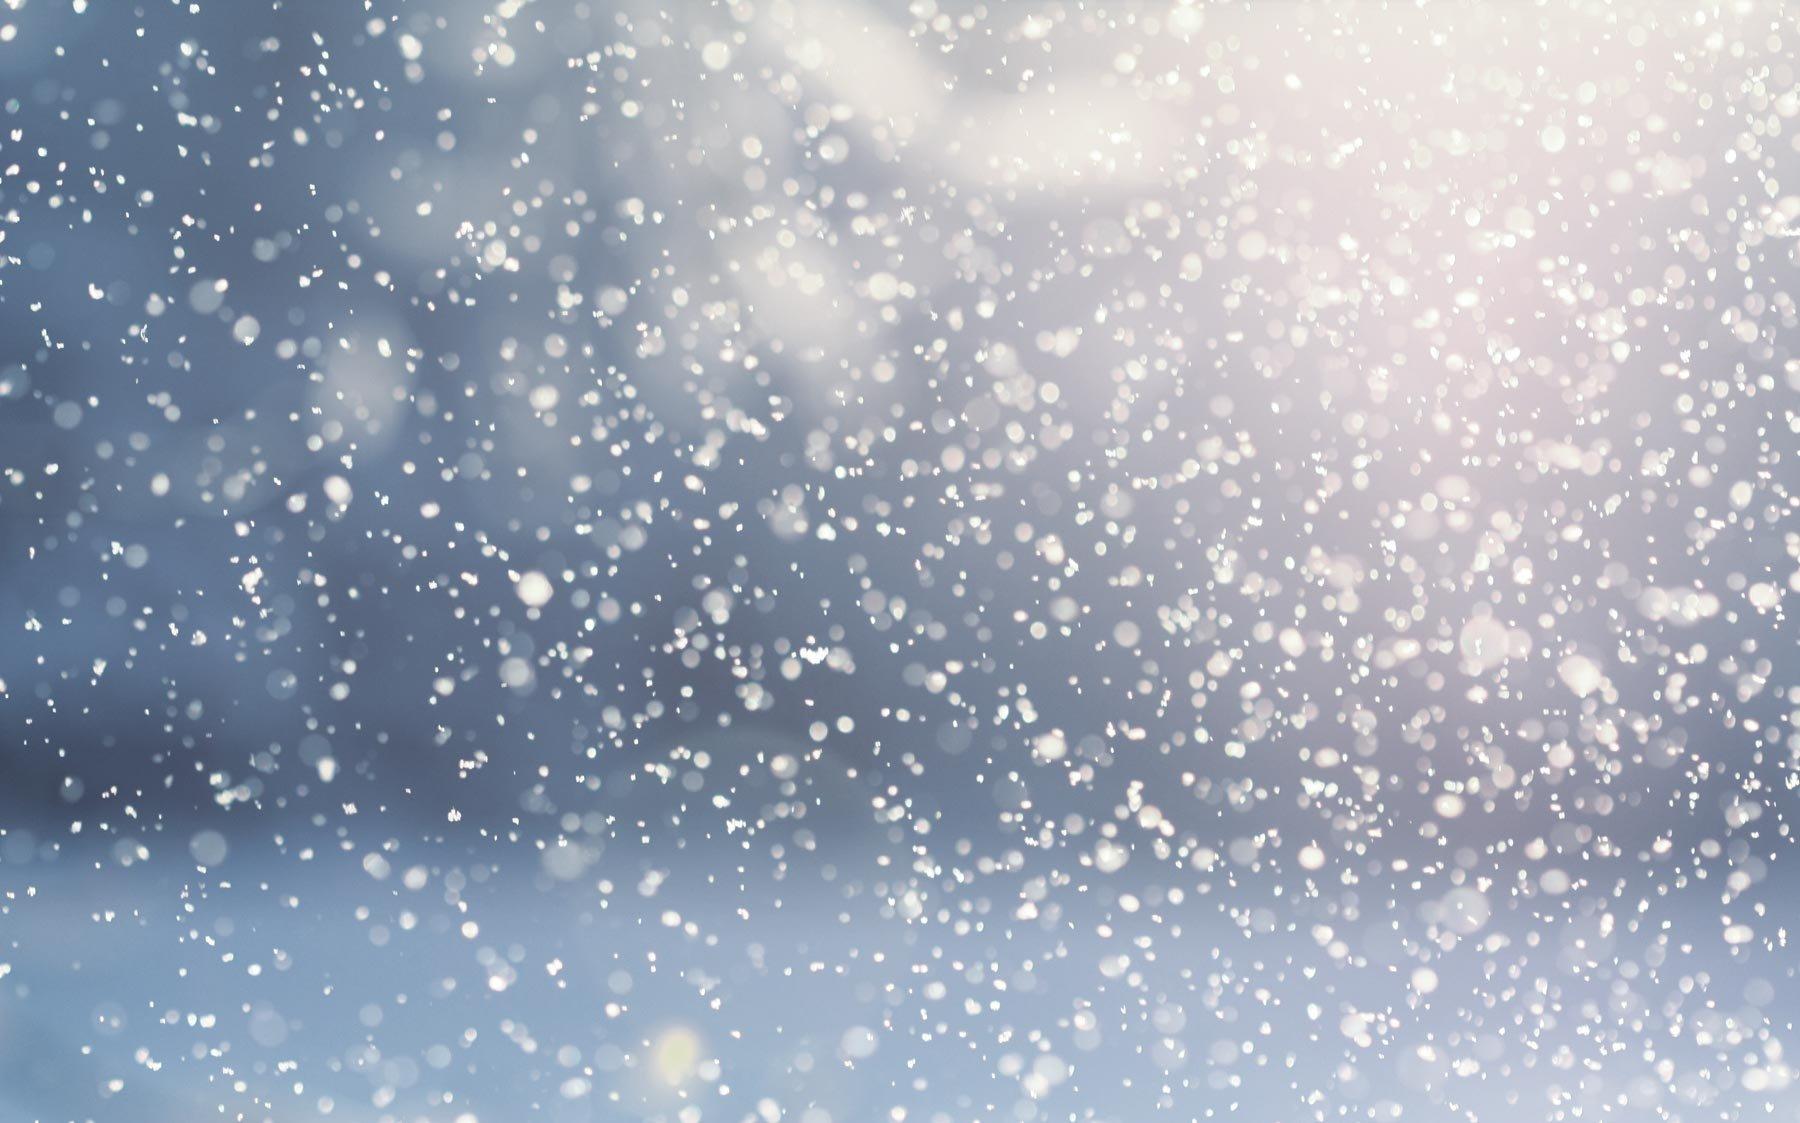 Погода в Казахстане: на севере ожидается снег